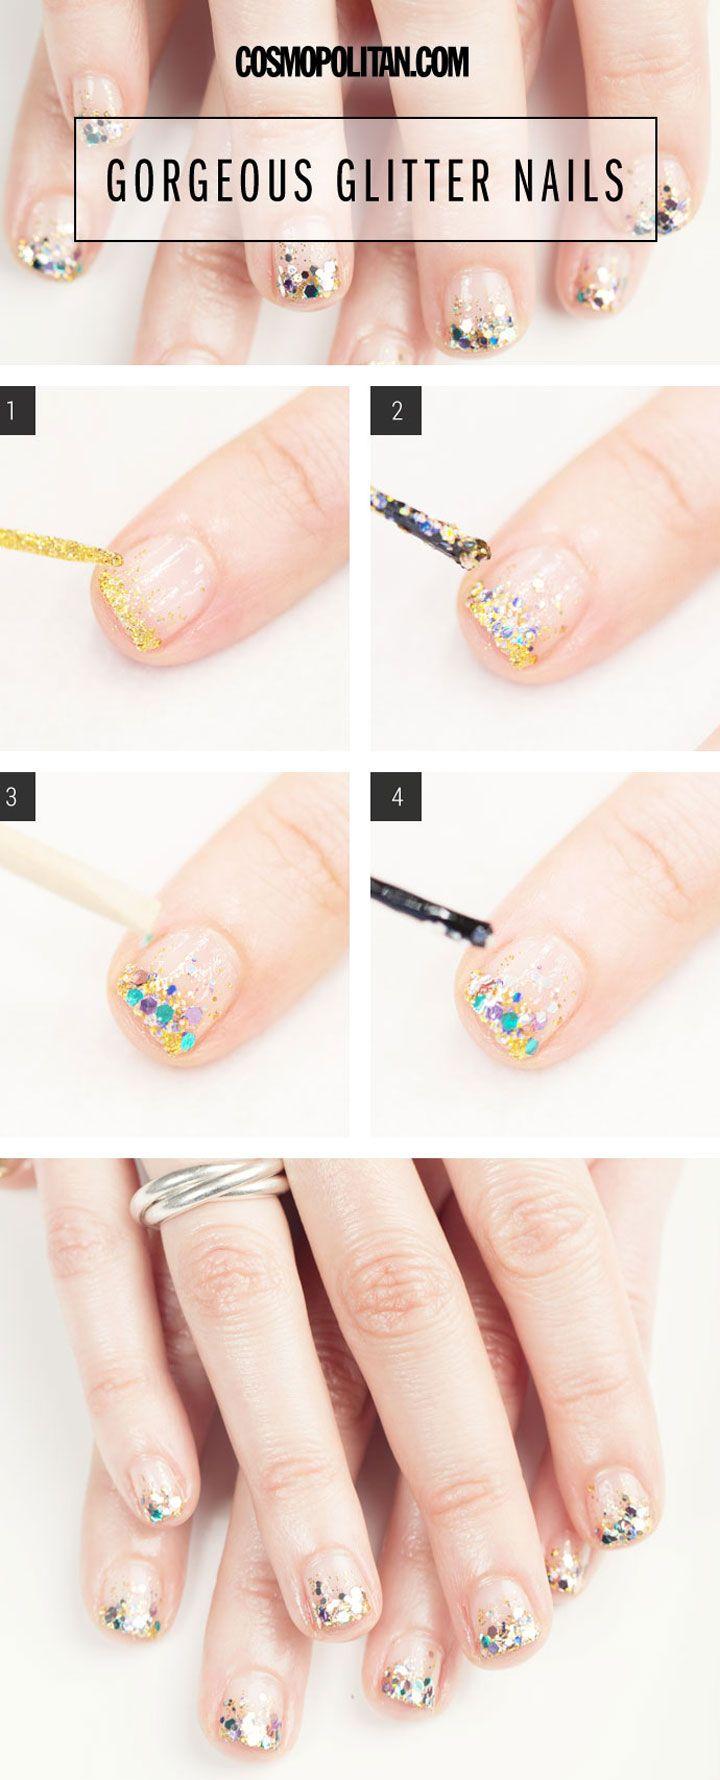 Un poco de paciencia, algo de purpurina y mucha imaginación son los ingredientes necesarios para recrear esta bonita manicura.  #manicura #uñas #tutorial #nails #DIY